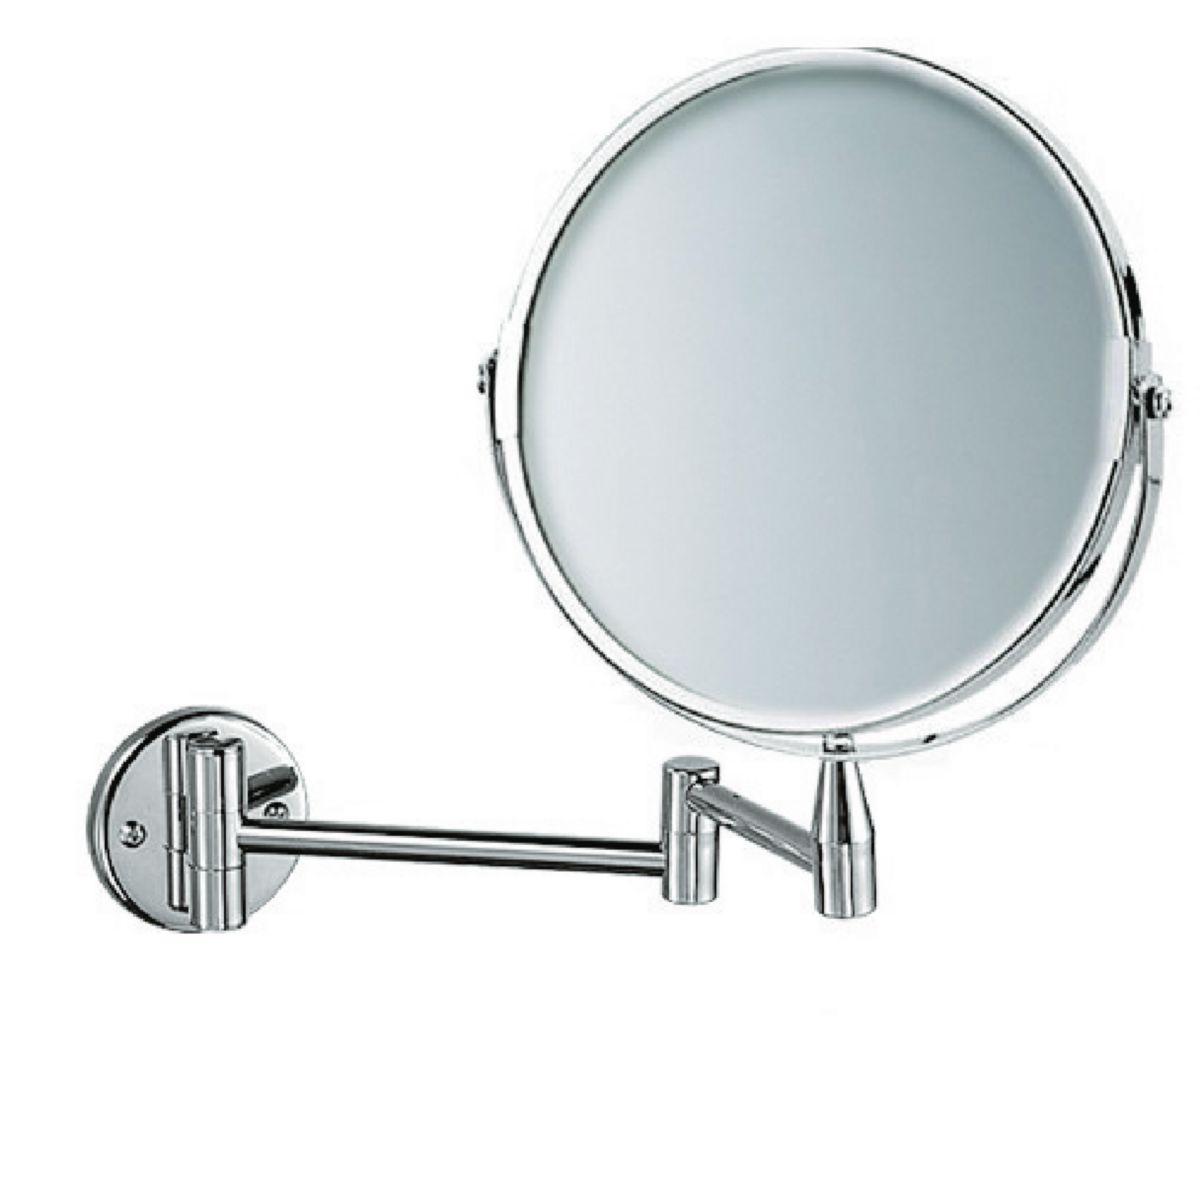 Miroir grossissant FELICIA, Ø 17 cm